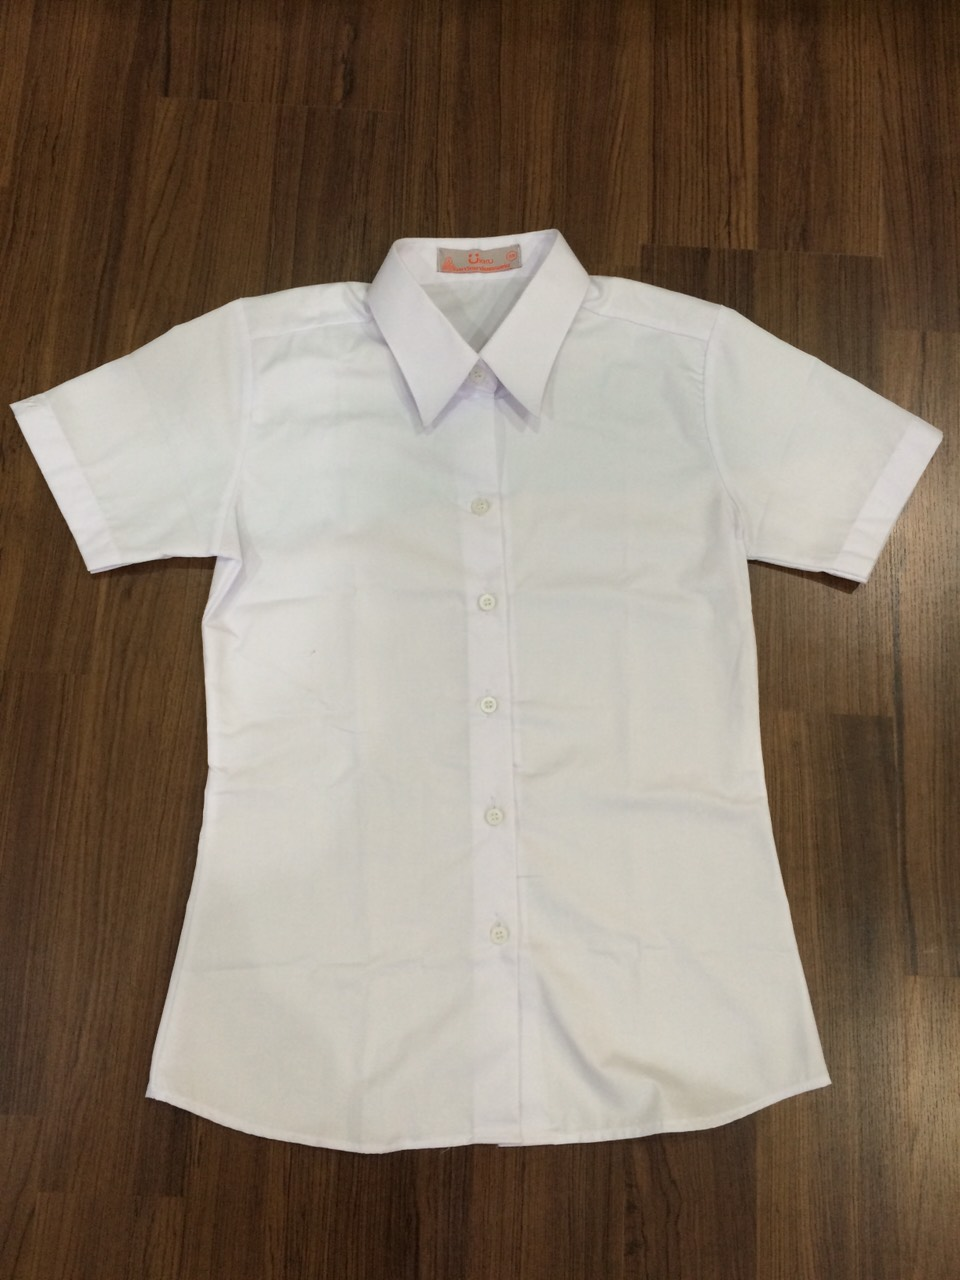 เสื้อเชิ๊ตนักศึกษาหญิง รอบอก 40 นิ้ว ไซด์ L